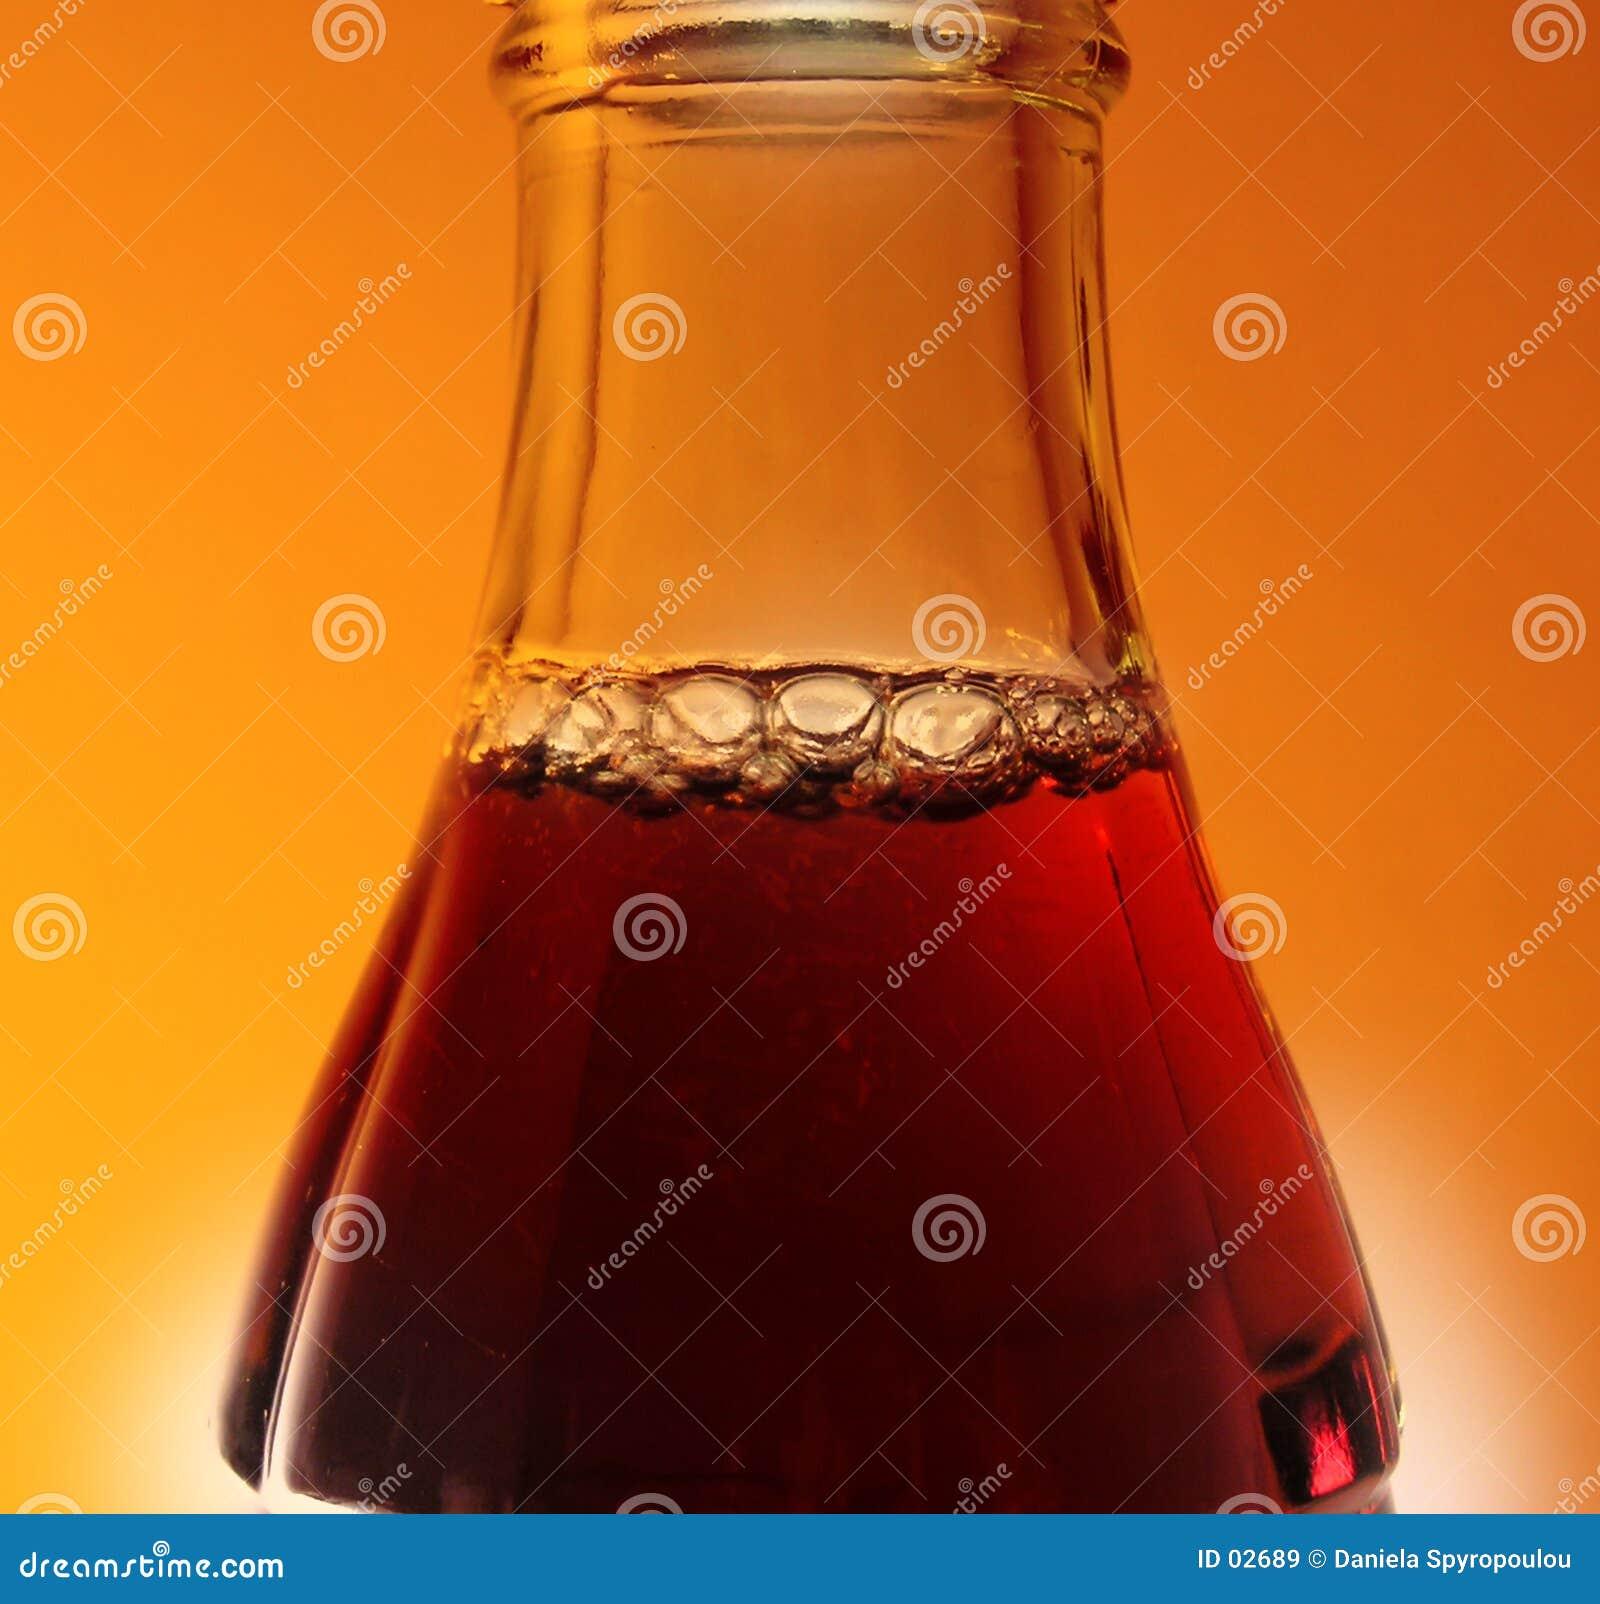 Download Bouteille de coke image stock. Image du notion, concept, glace - 2689